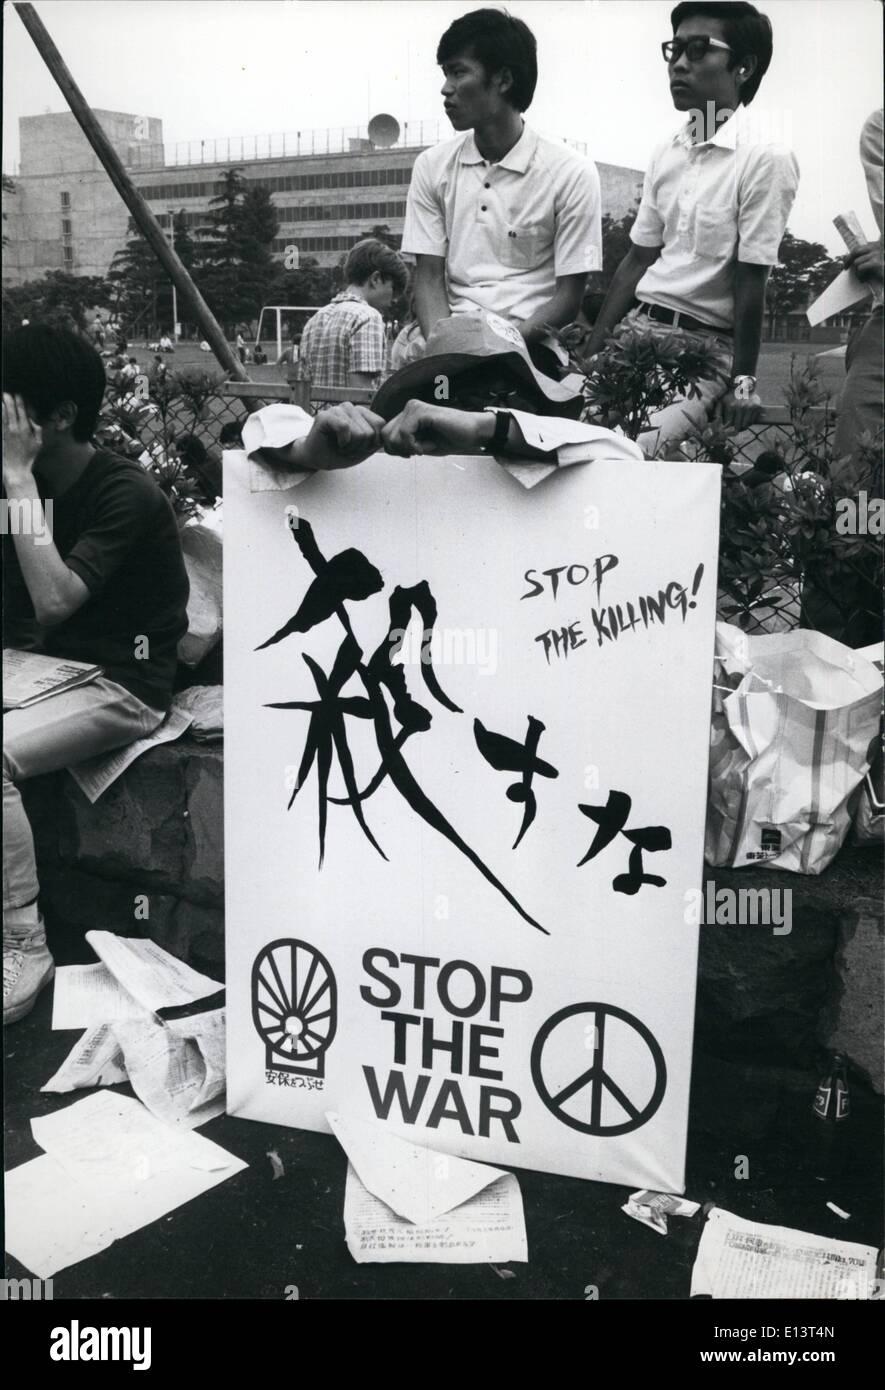 Marzo 27, 2012 - Movimiento por la paz. Imagen De Stock